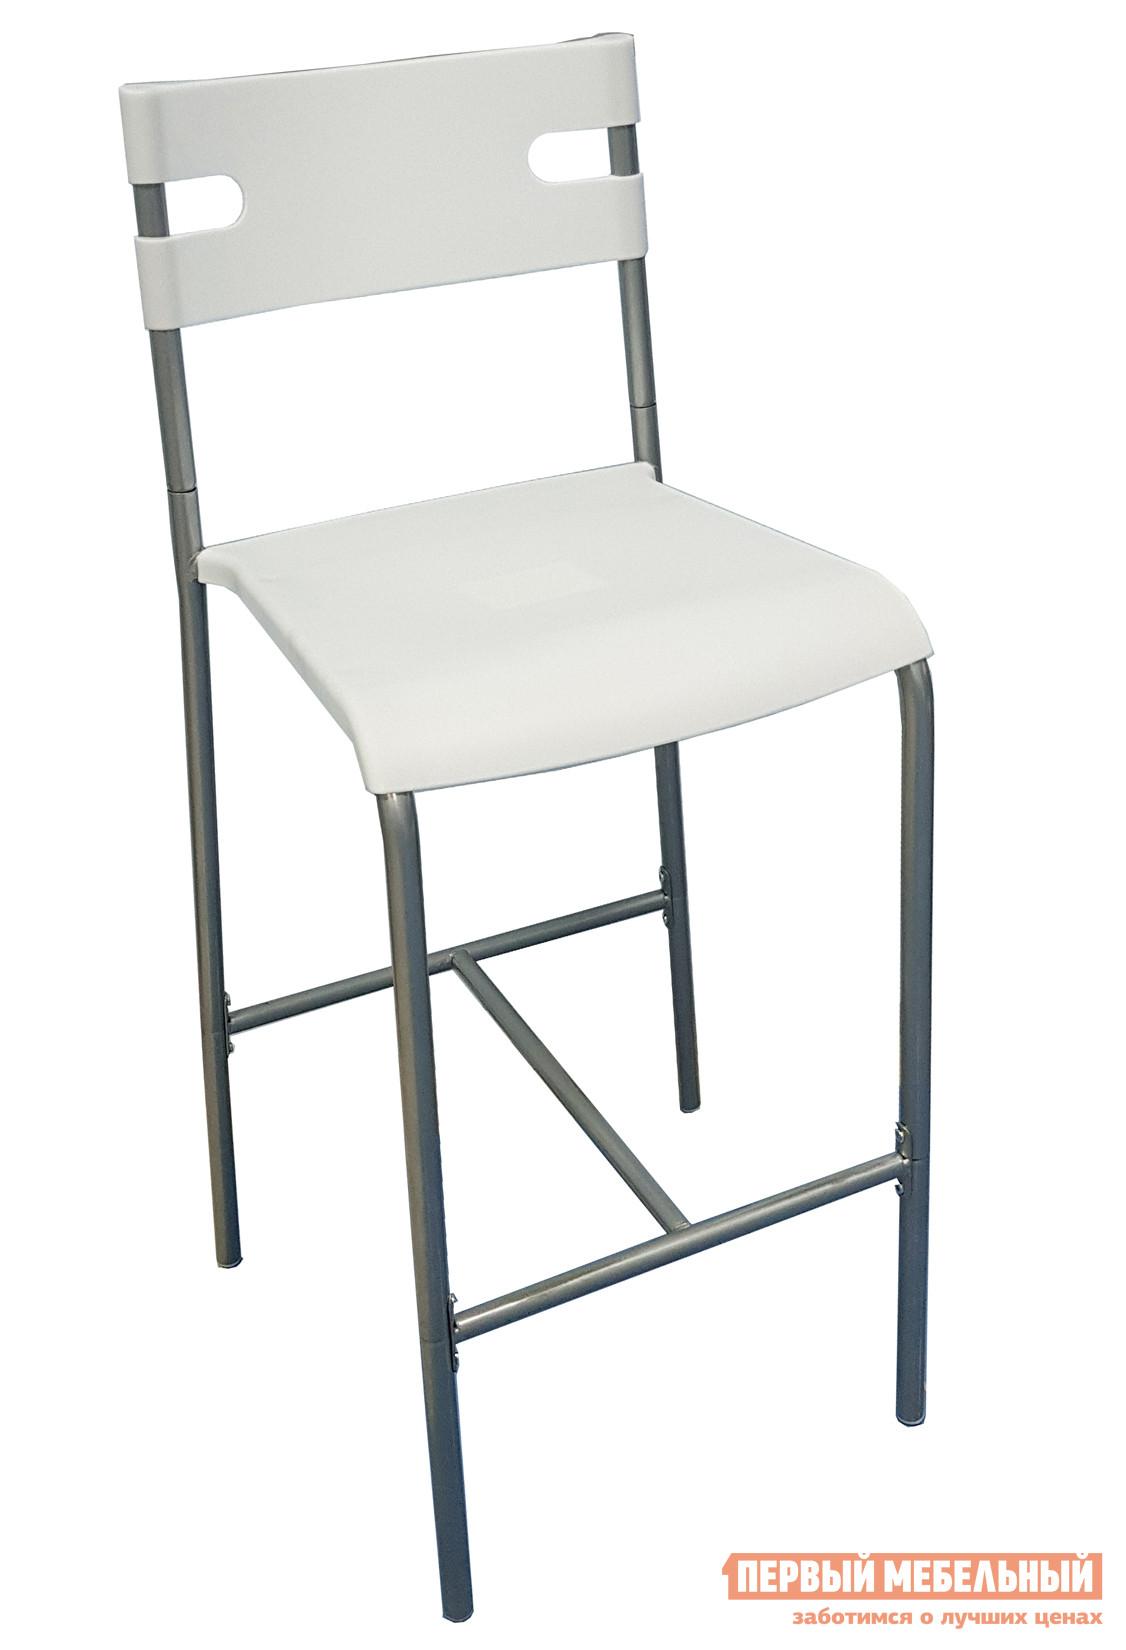 Барный стул Stool Group TAUPIRI барный стул stool group abba